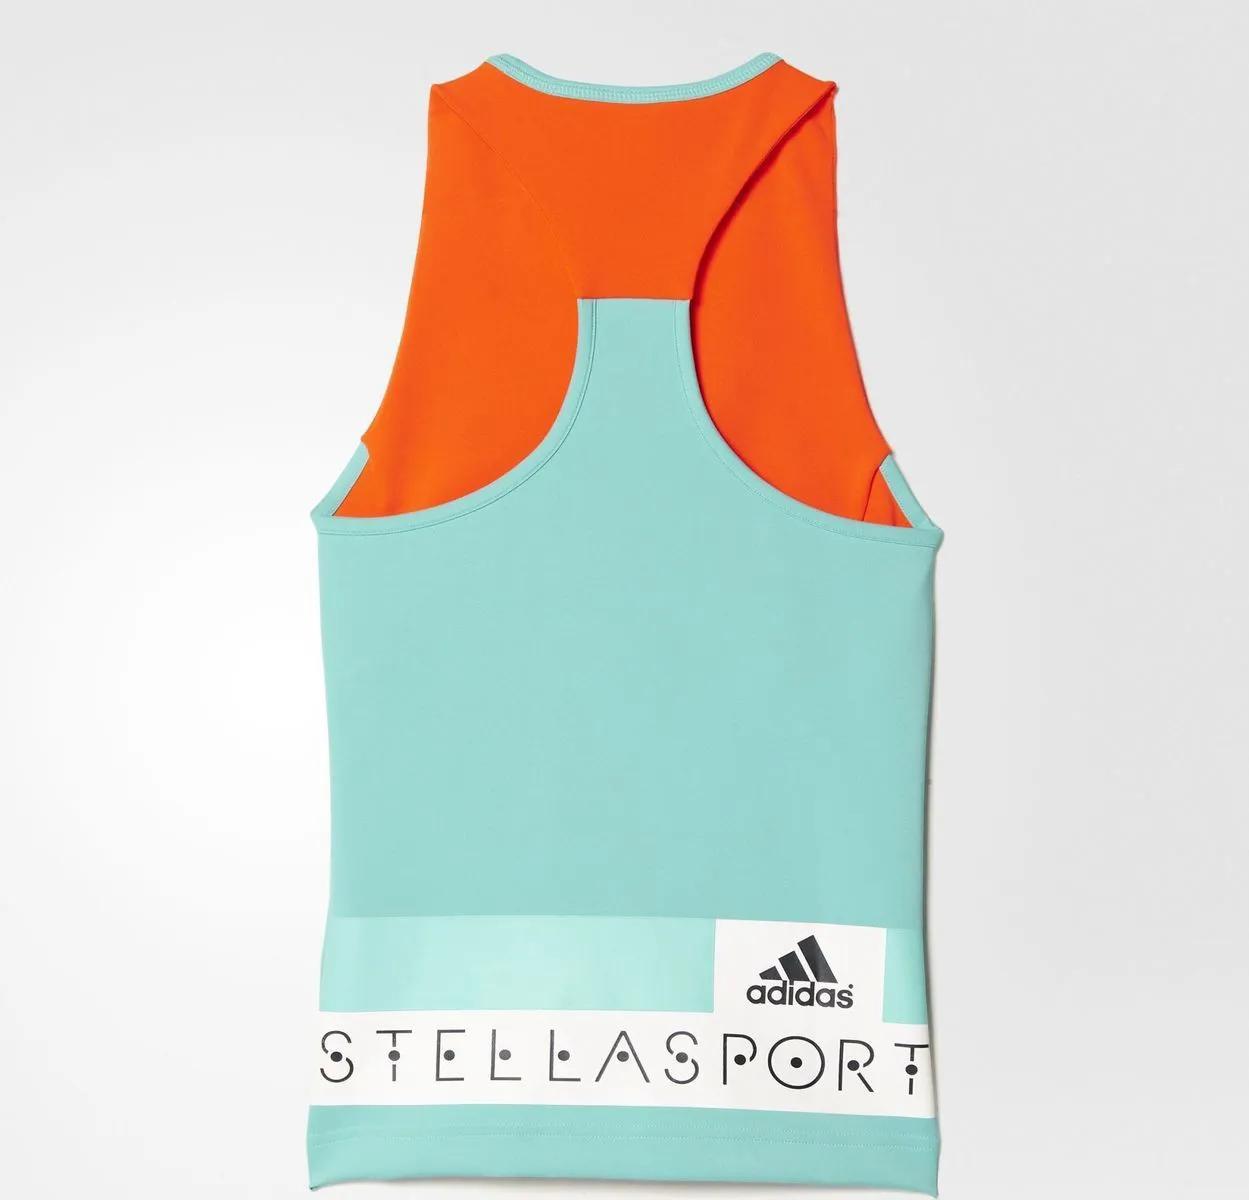 Regata adidas Stellasport Com Top Embutido Tênis FITNESS E CASUAL